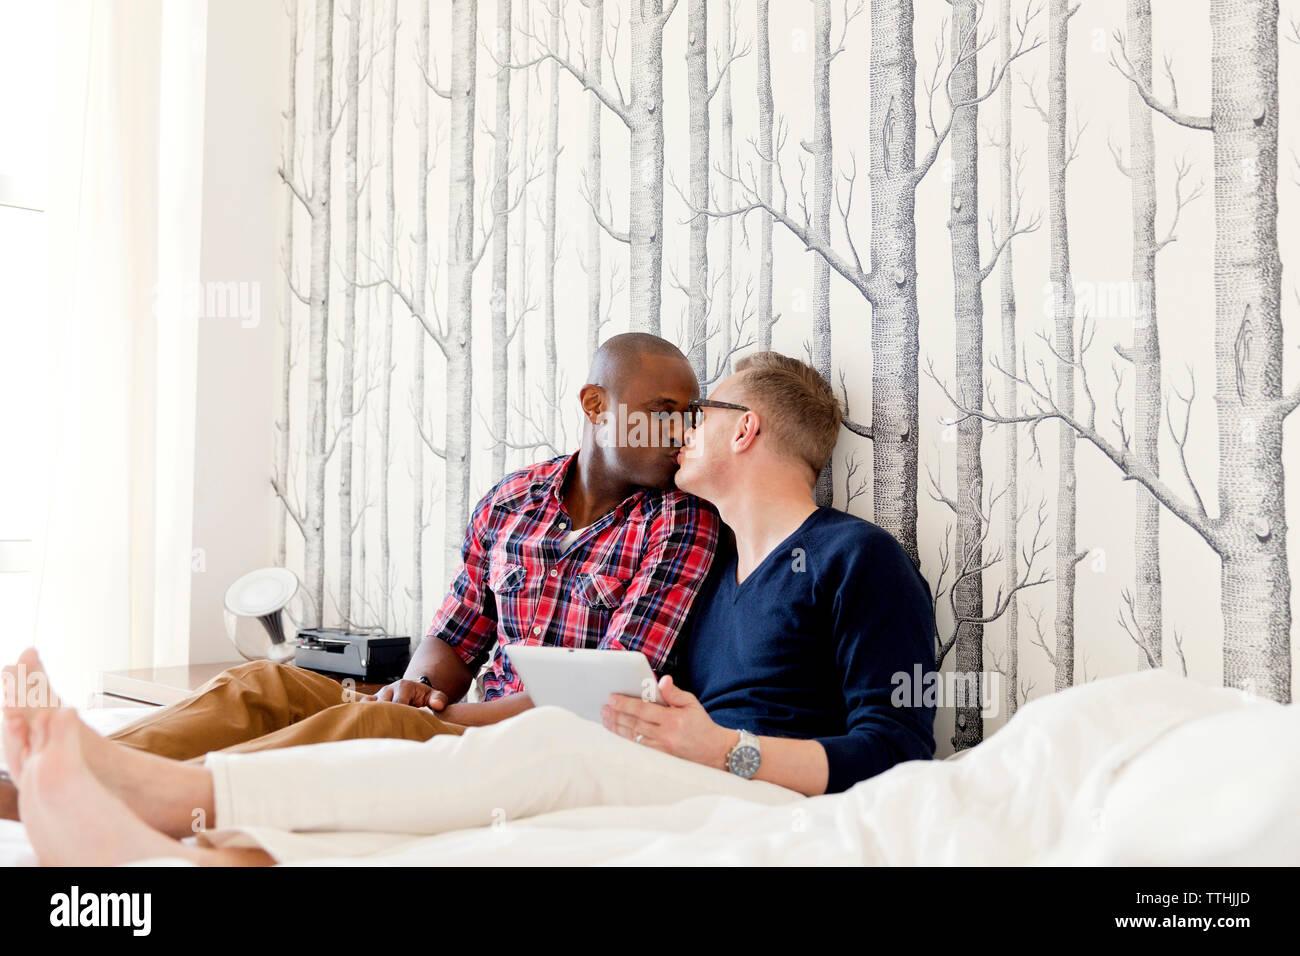 Uomini Gay Che Si Baciano Immagini Uomini Gay Che Si Baciano